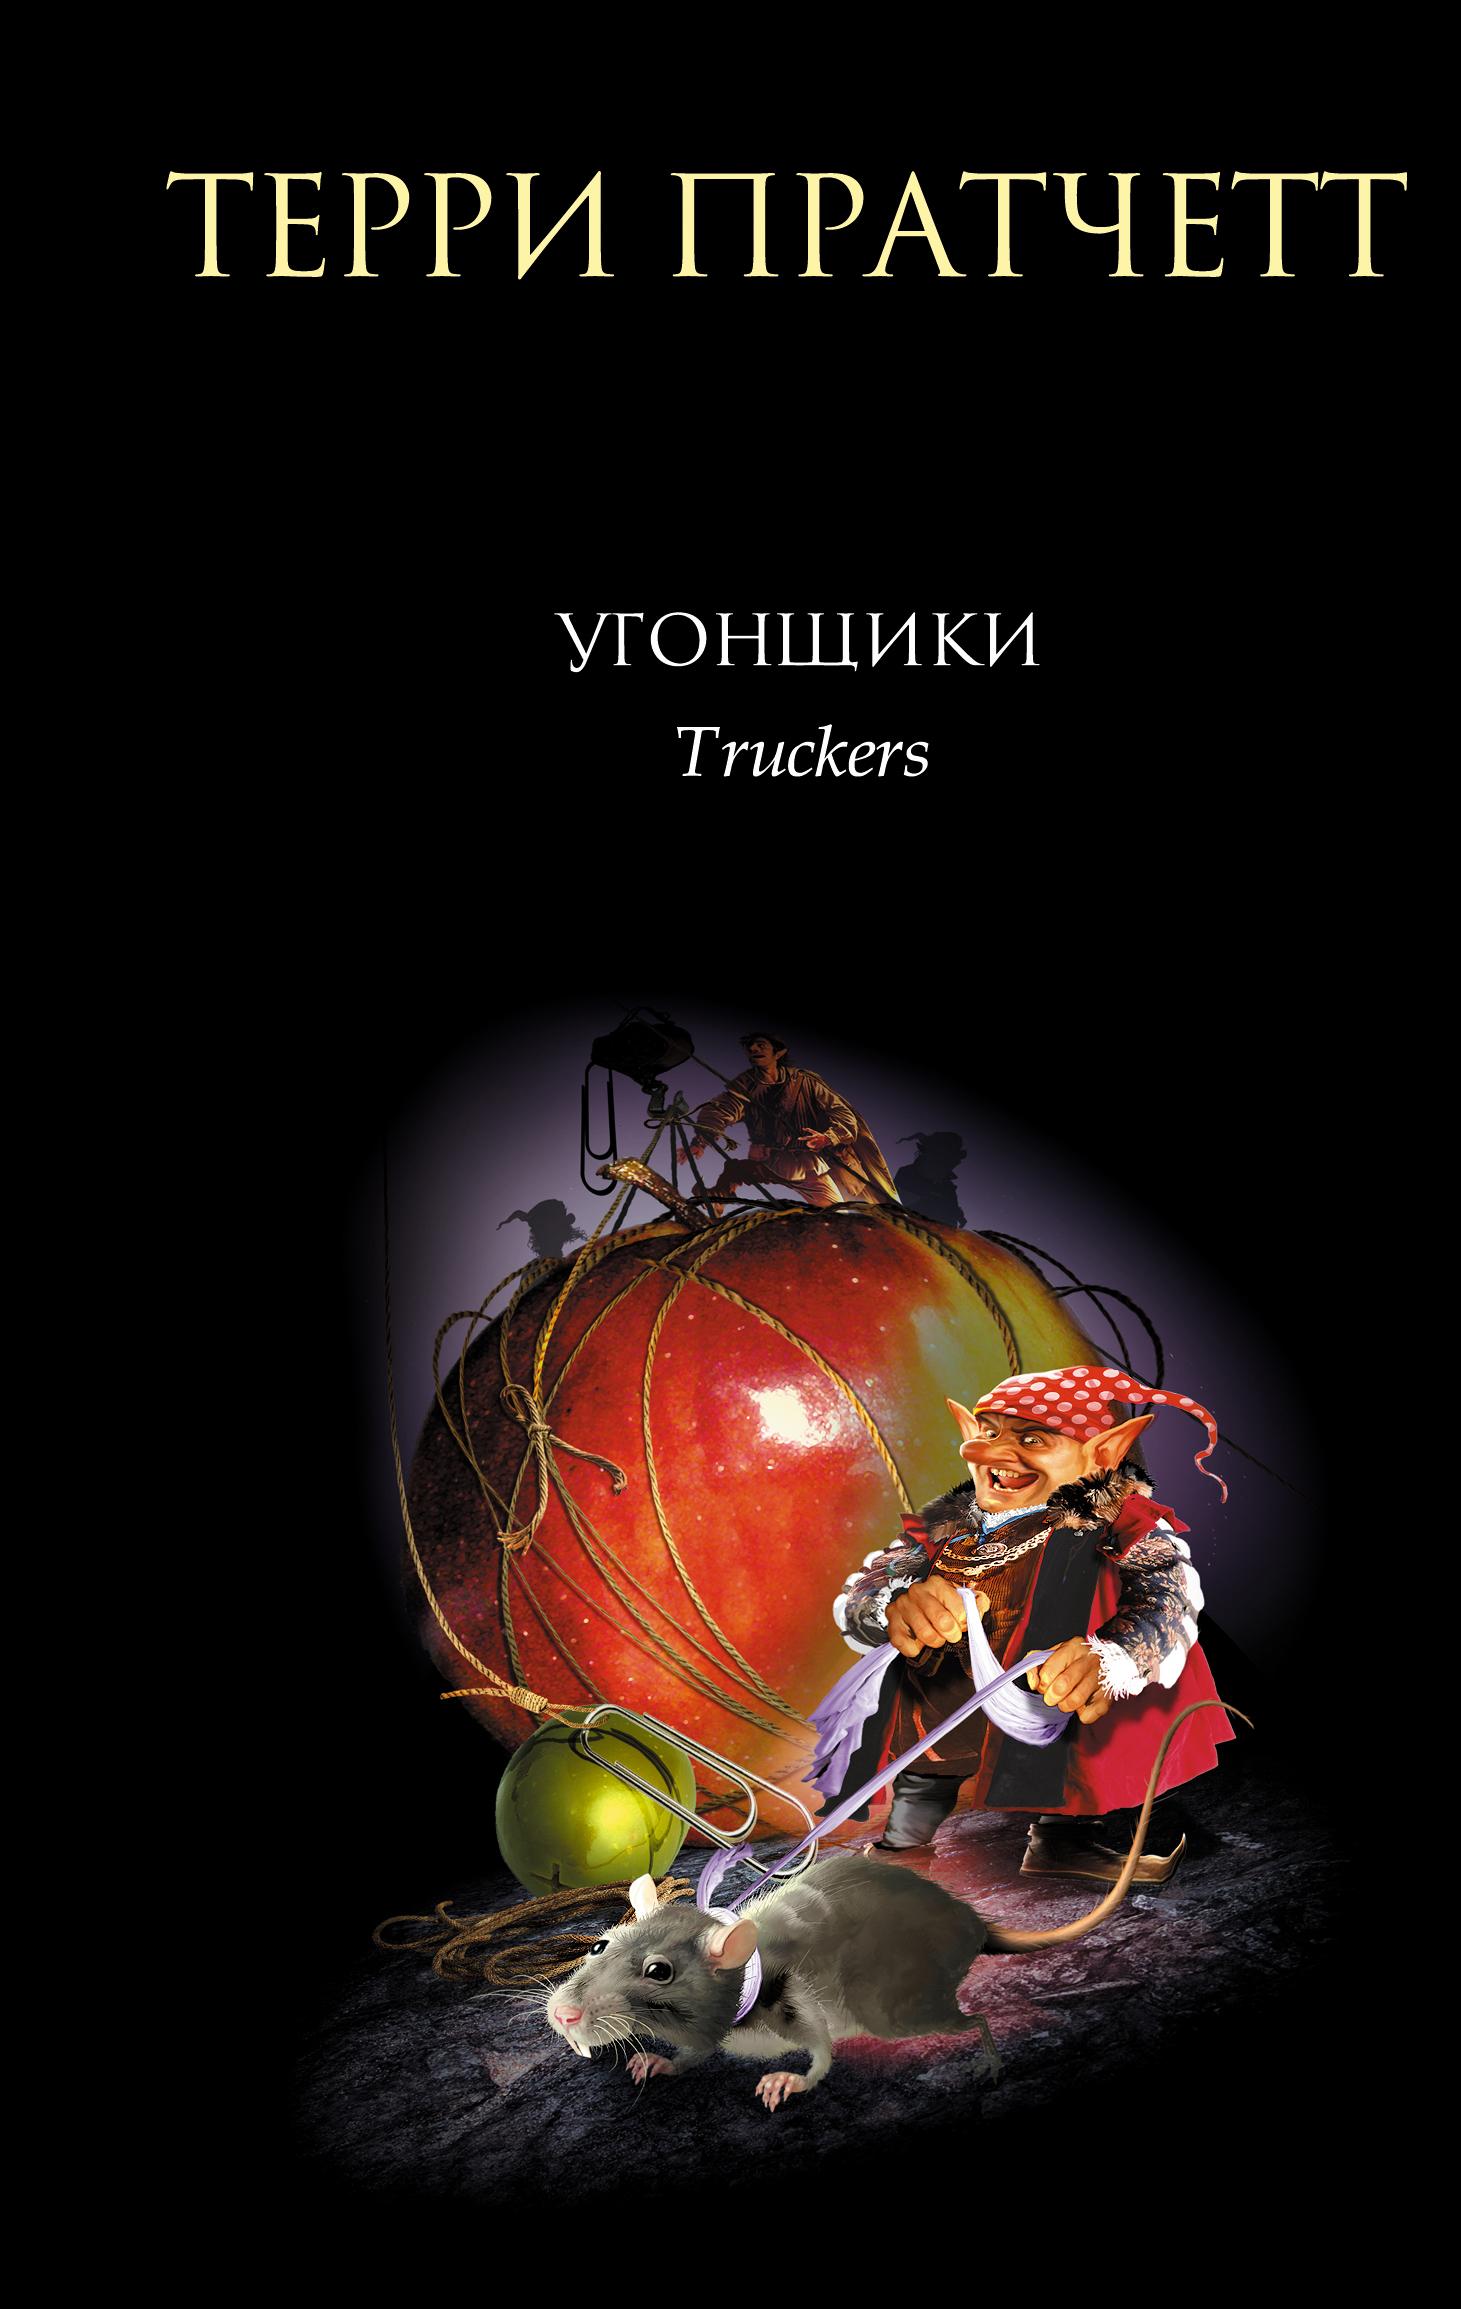 Книга цвет волшебства терри пратчетт купить, скачать, читать.